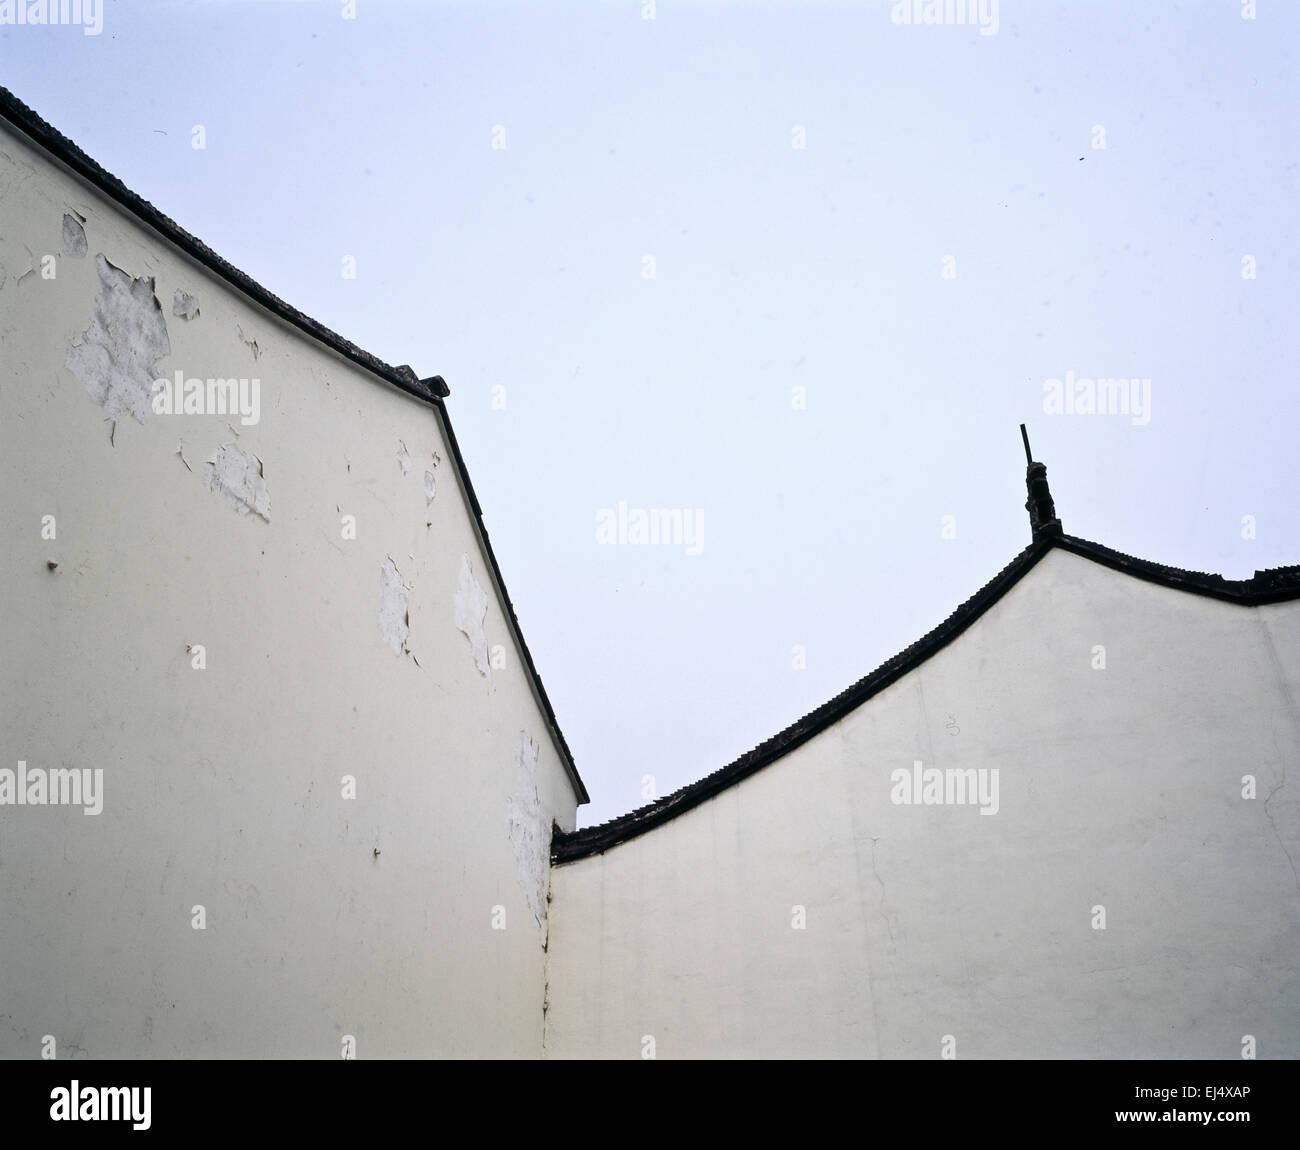 Architecture detail, Suzhou,Jiangsu Province, China - Stock Image